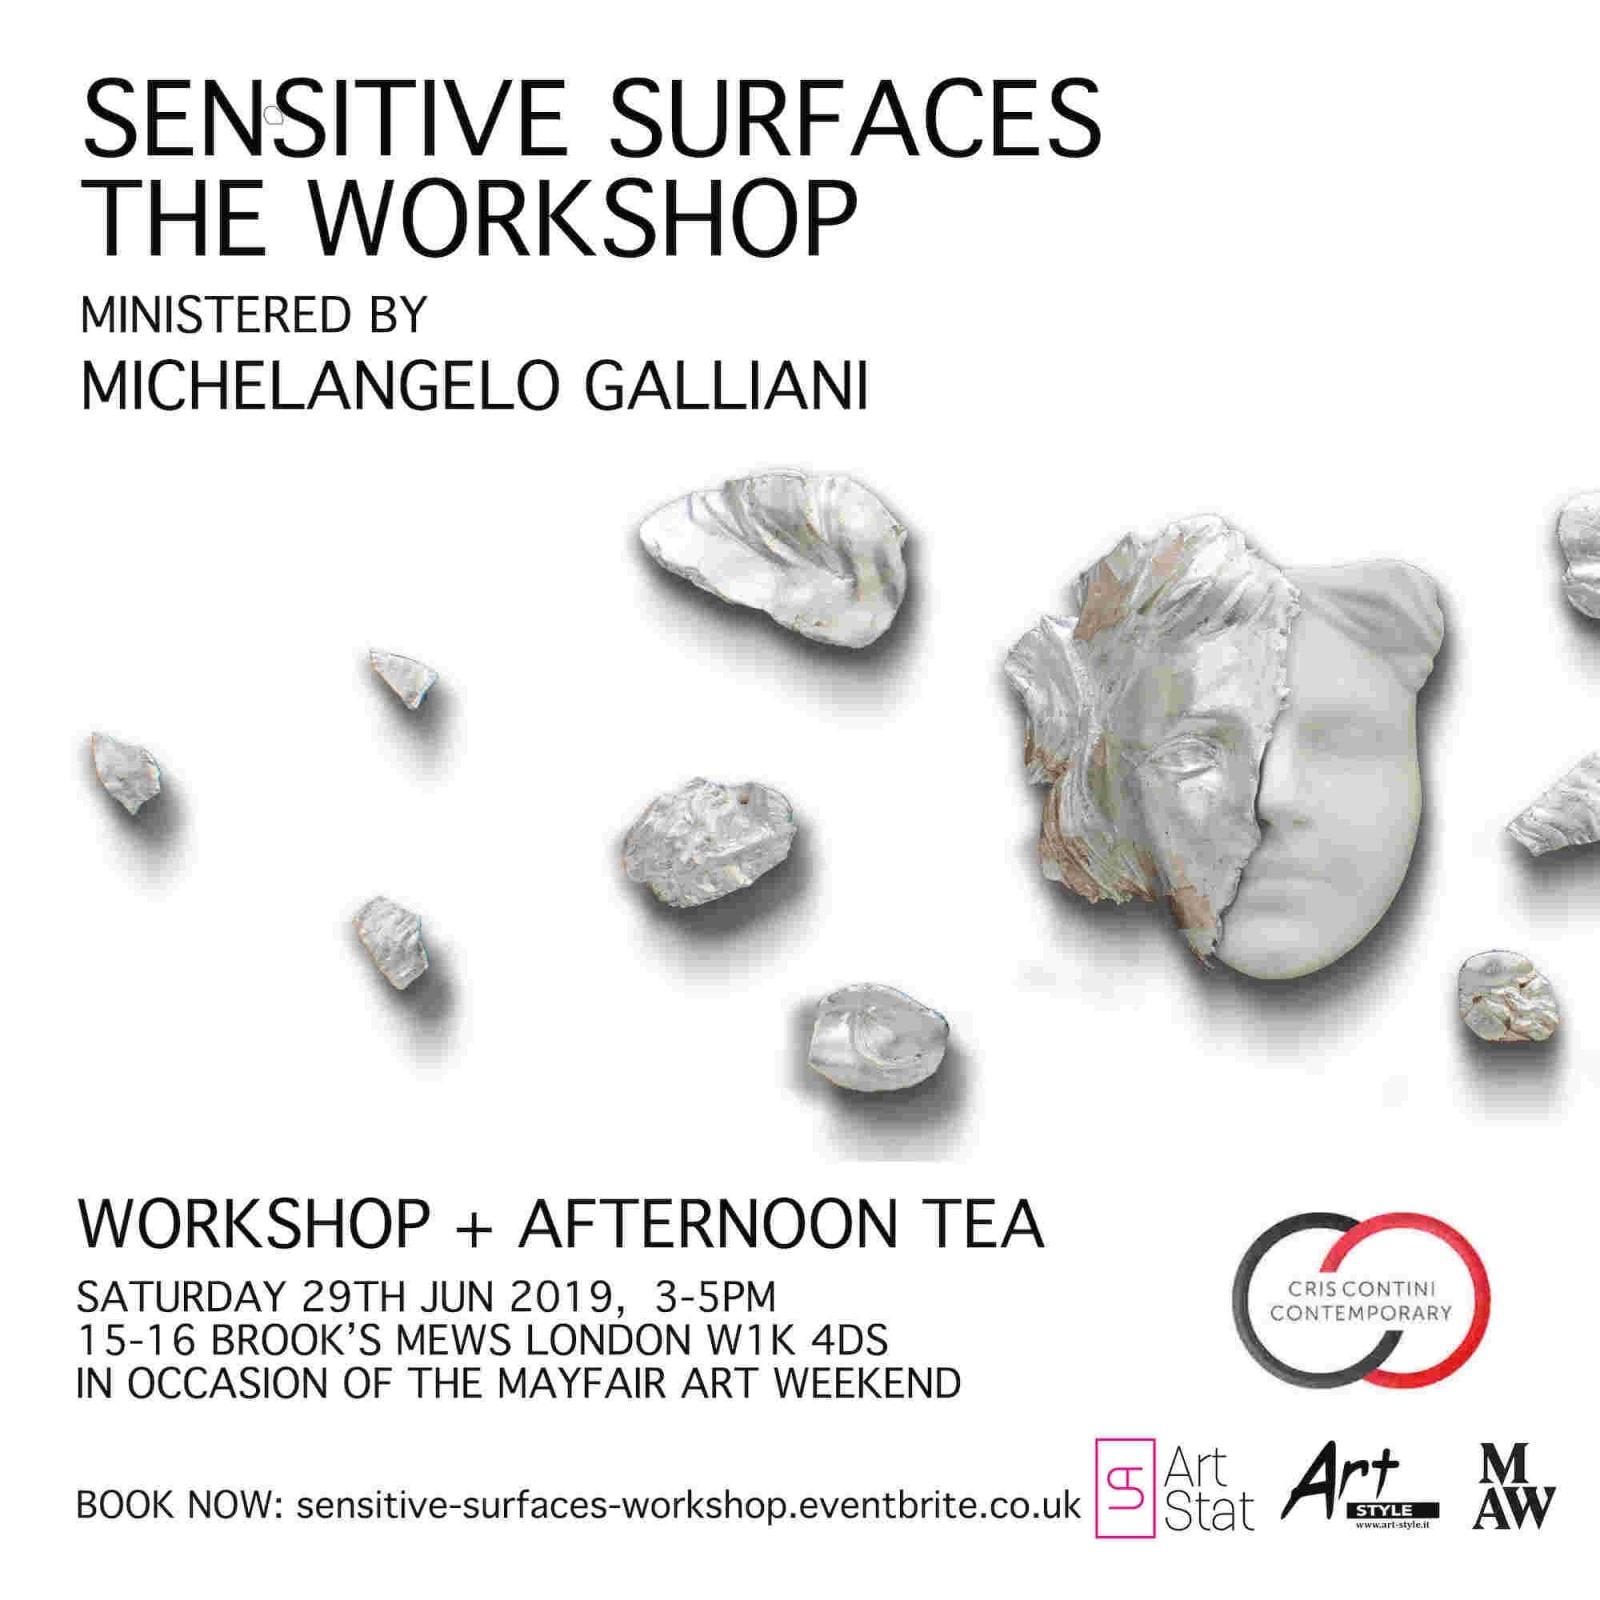 Sensitive Surfaces